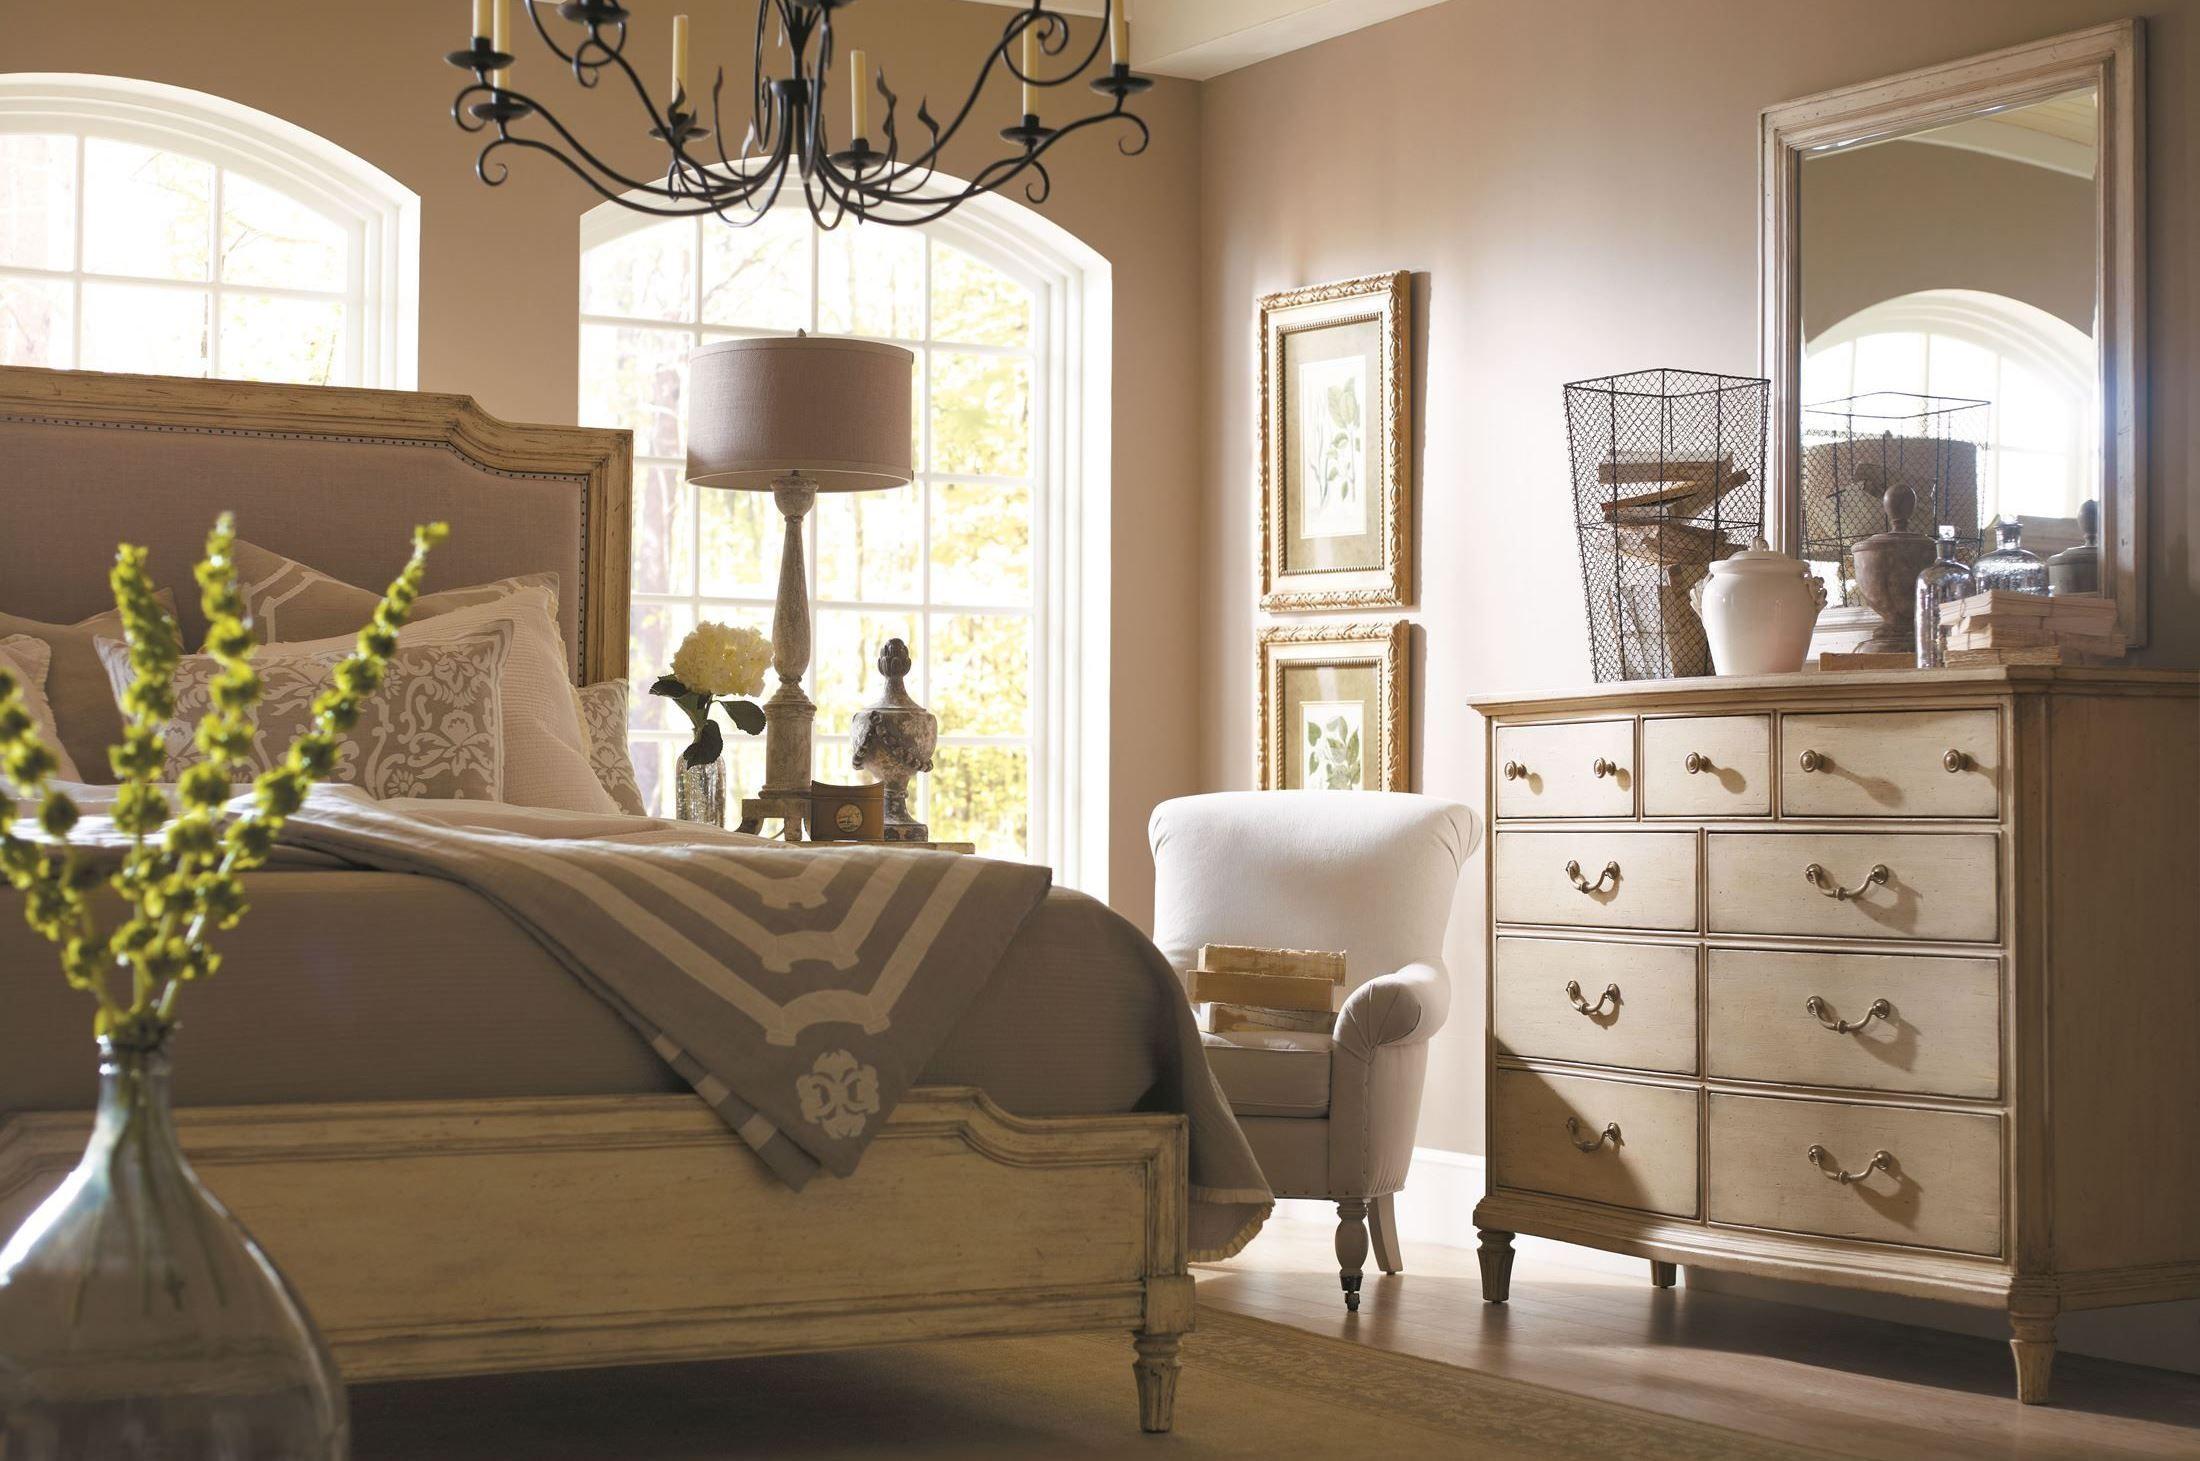 European Cottage Vintage White Upholstered Bedroom Set From Stanley 007 23 52 Coleman Furniture